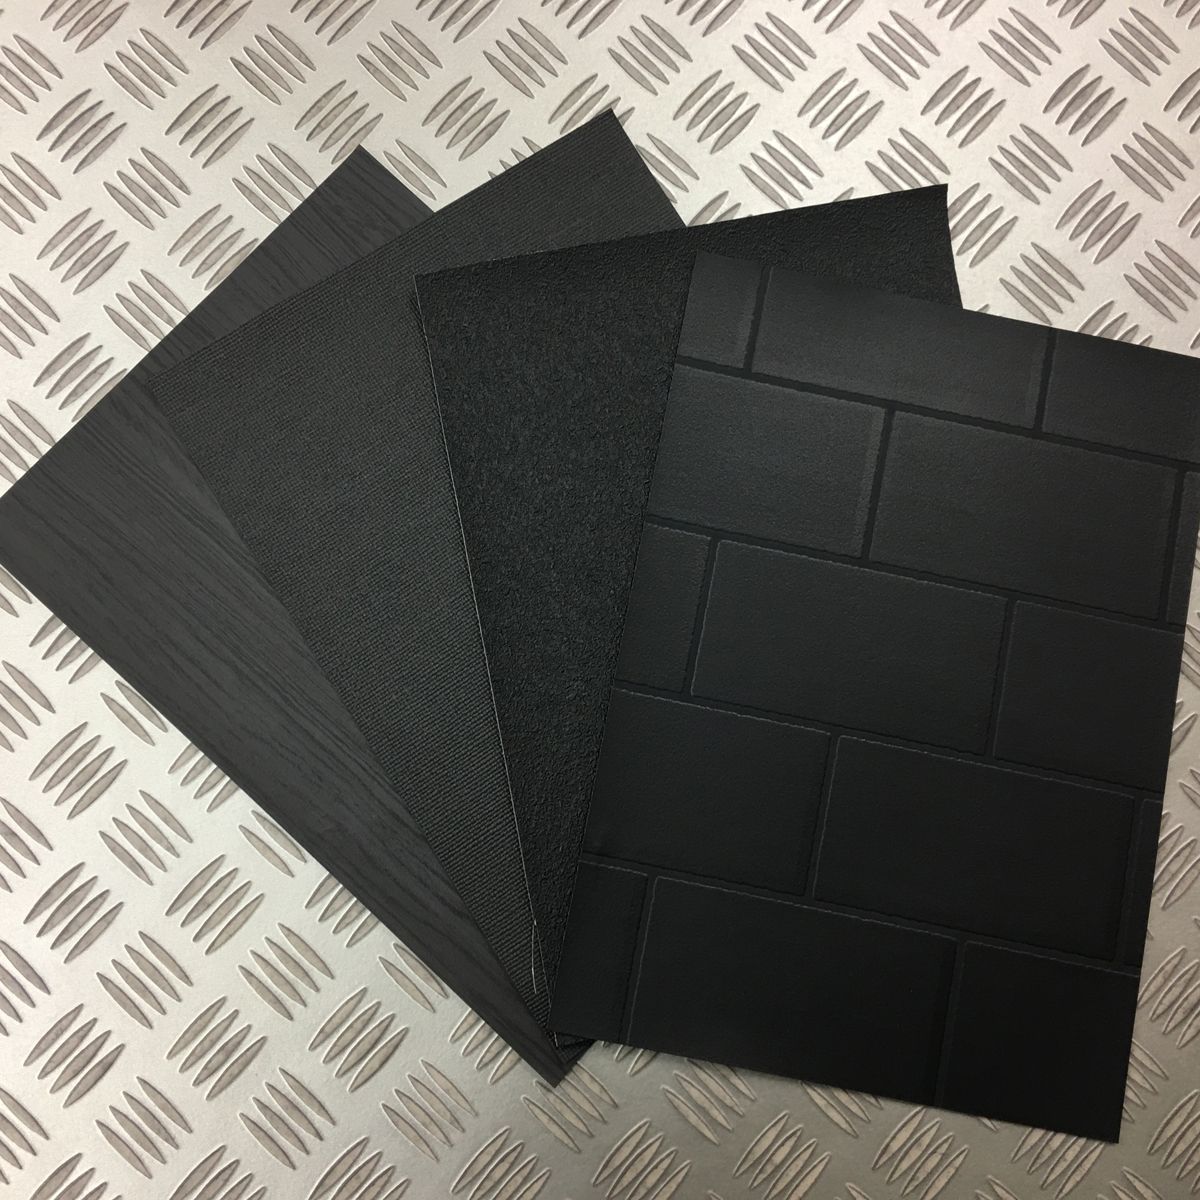 【黒部屋シリーズ】黒色壁紙クロス4種ブラックウォールペーパー_画像10